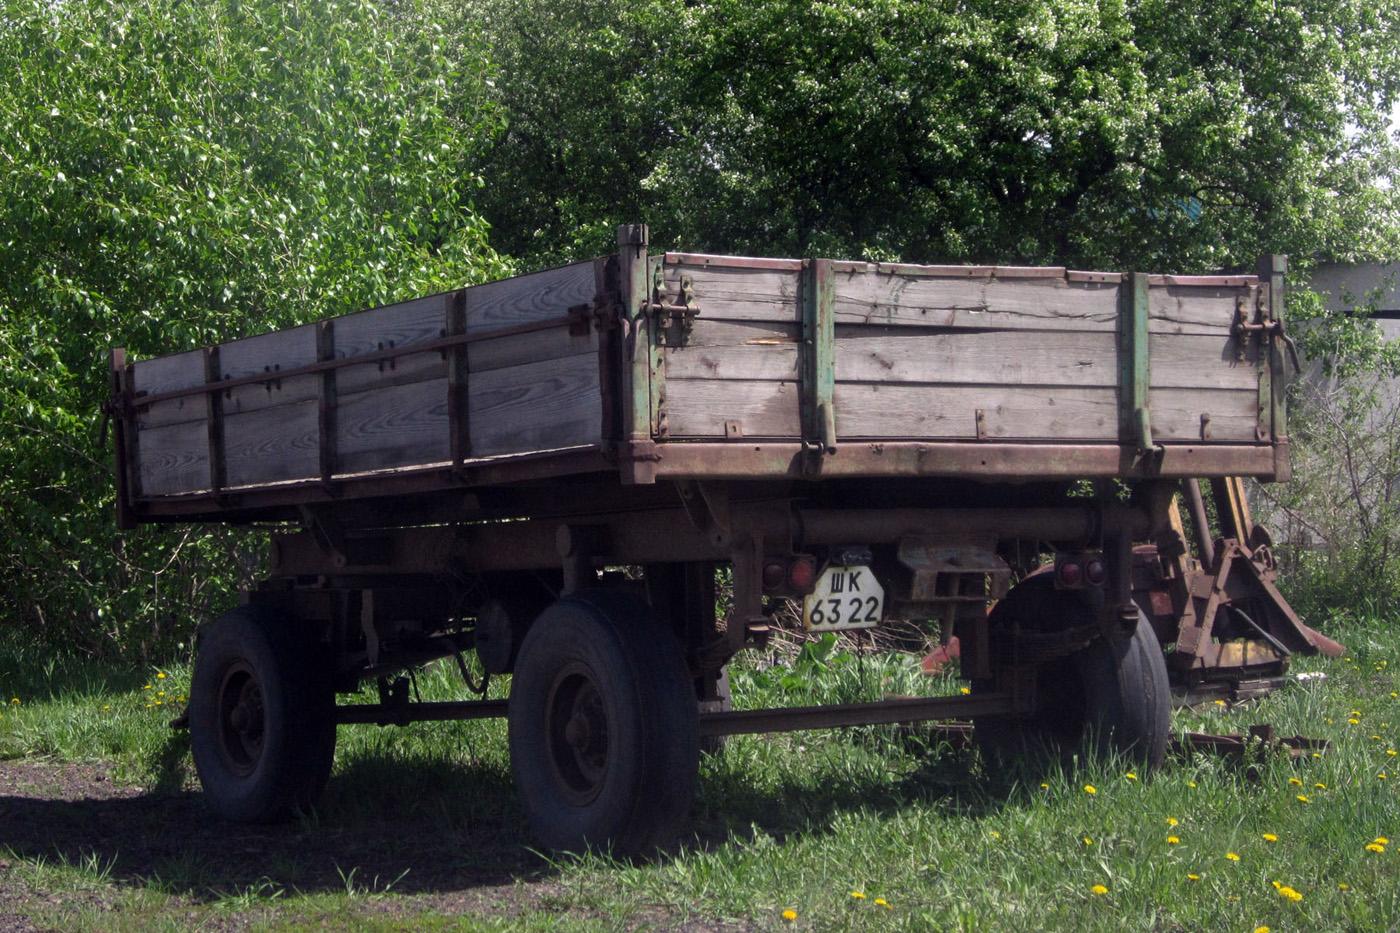 Тракторный прицеп типа 2ПТС-4* #ШК 6322. Свердловская область, Байкалово